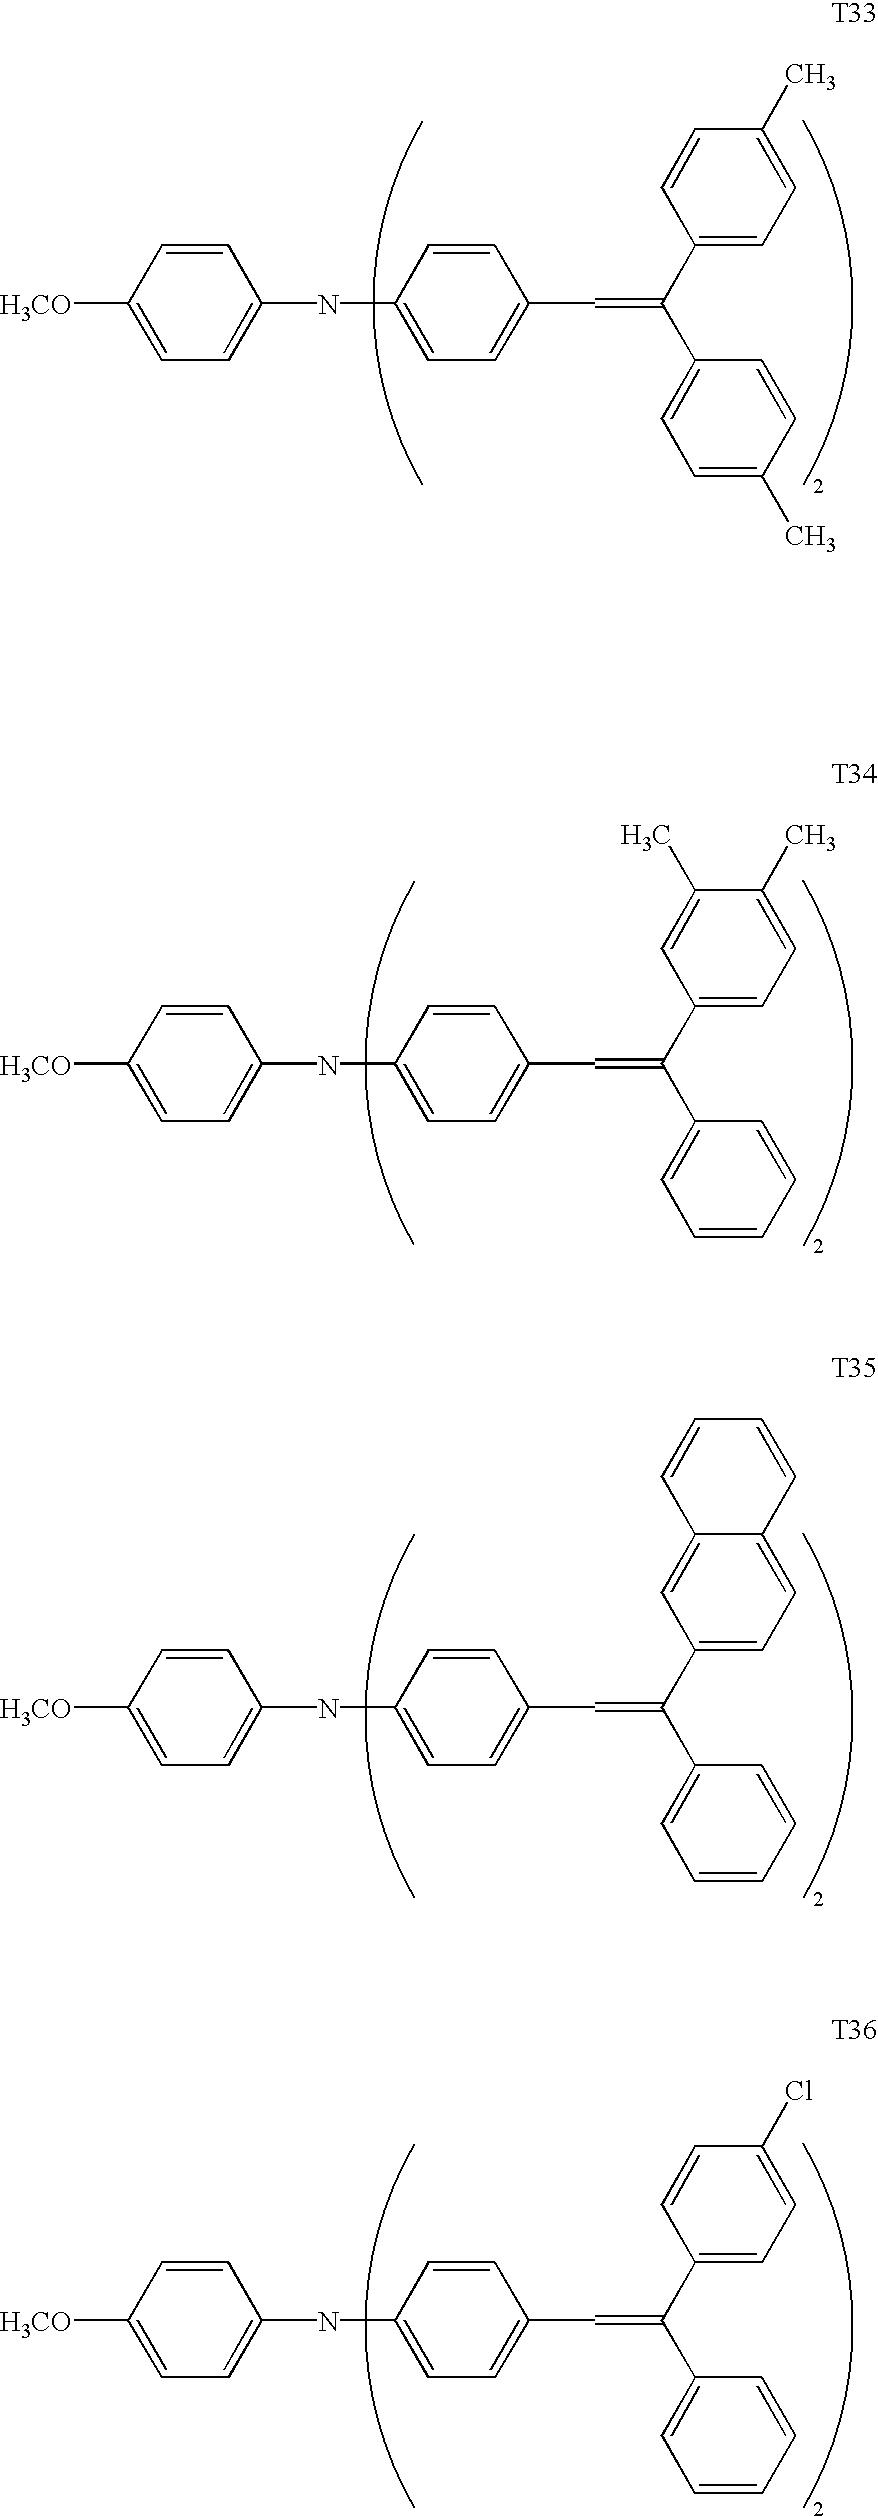 Figure US06919155-20050719-C00016